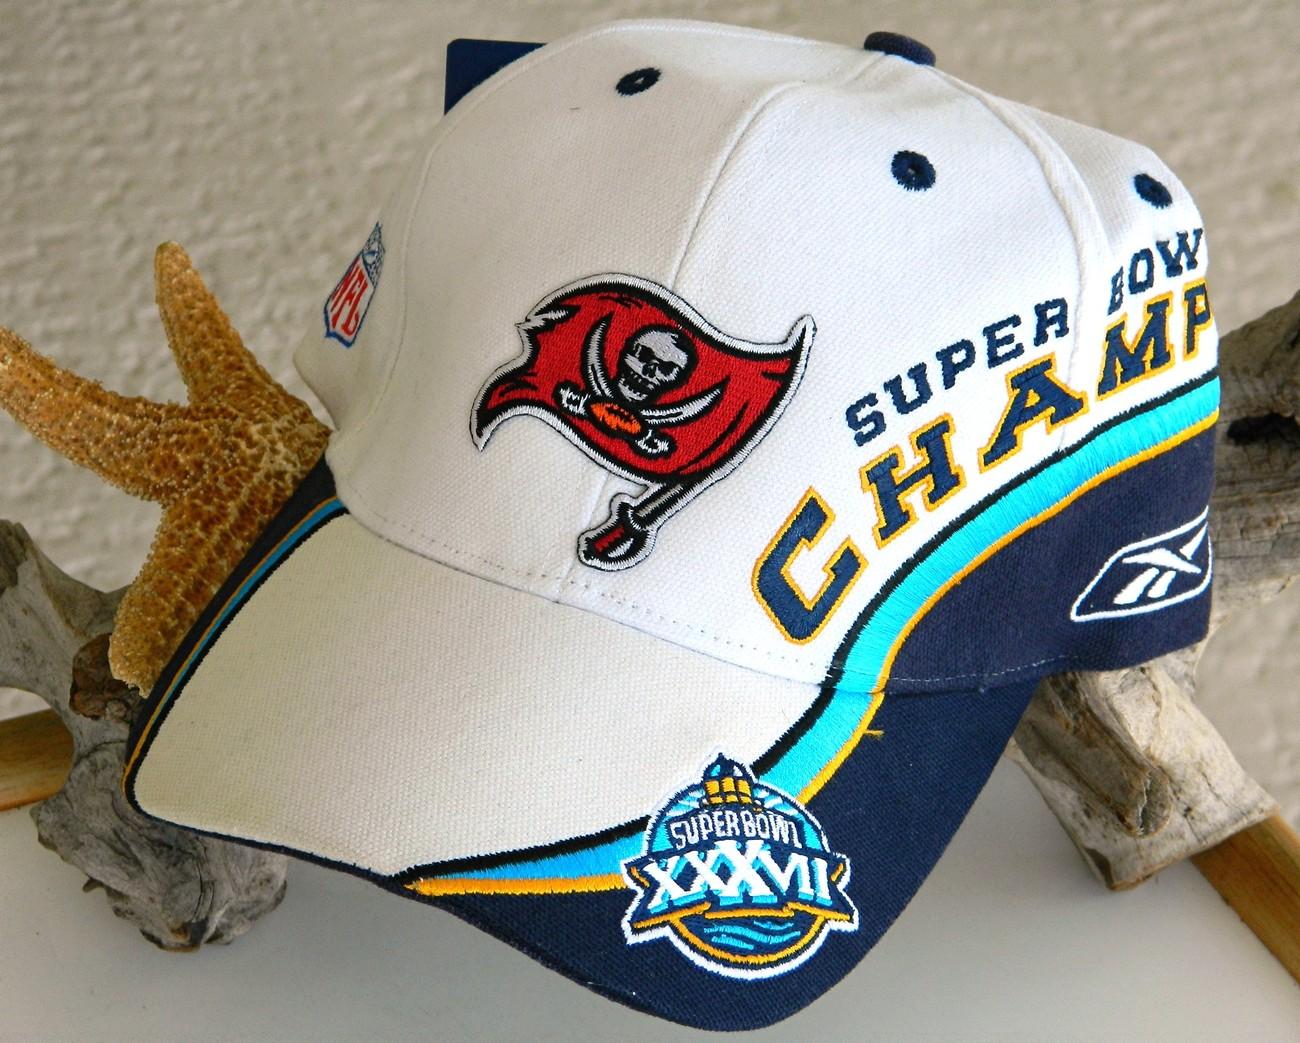 Super Bowl XXXVII NFL Cap Tampa Bay and 50 similar items 1d00965f4